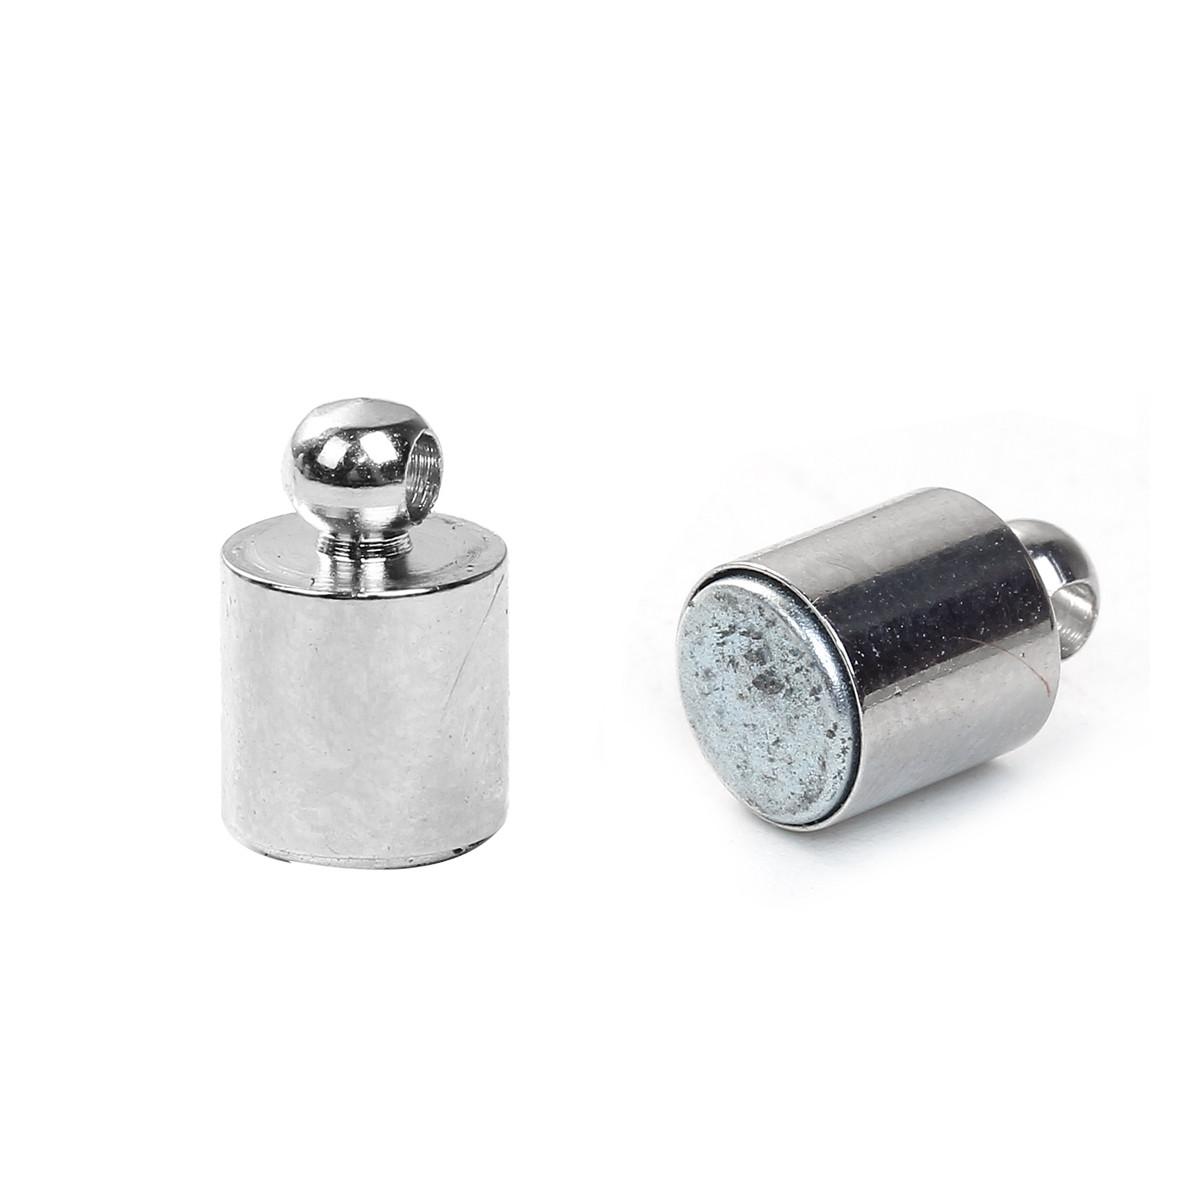 Застежка магнитная, Цилиндр, Неодимовый магнит, Серебряный тон, 20 мм x 6 мм